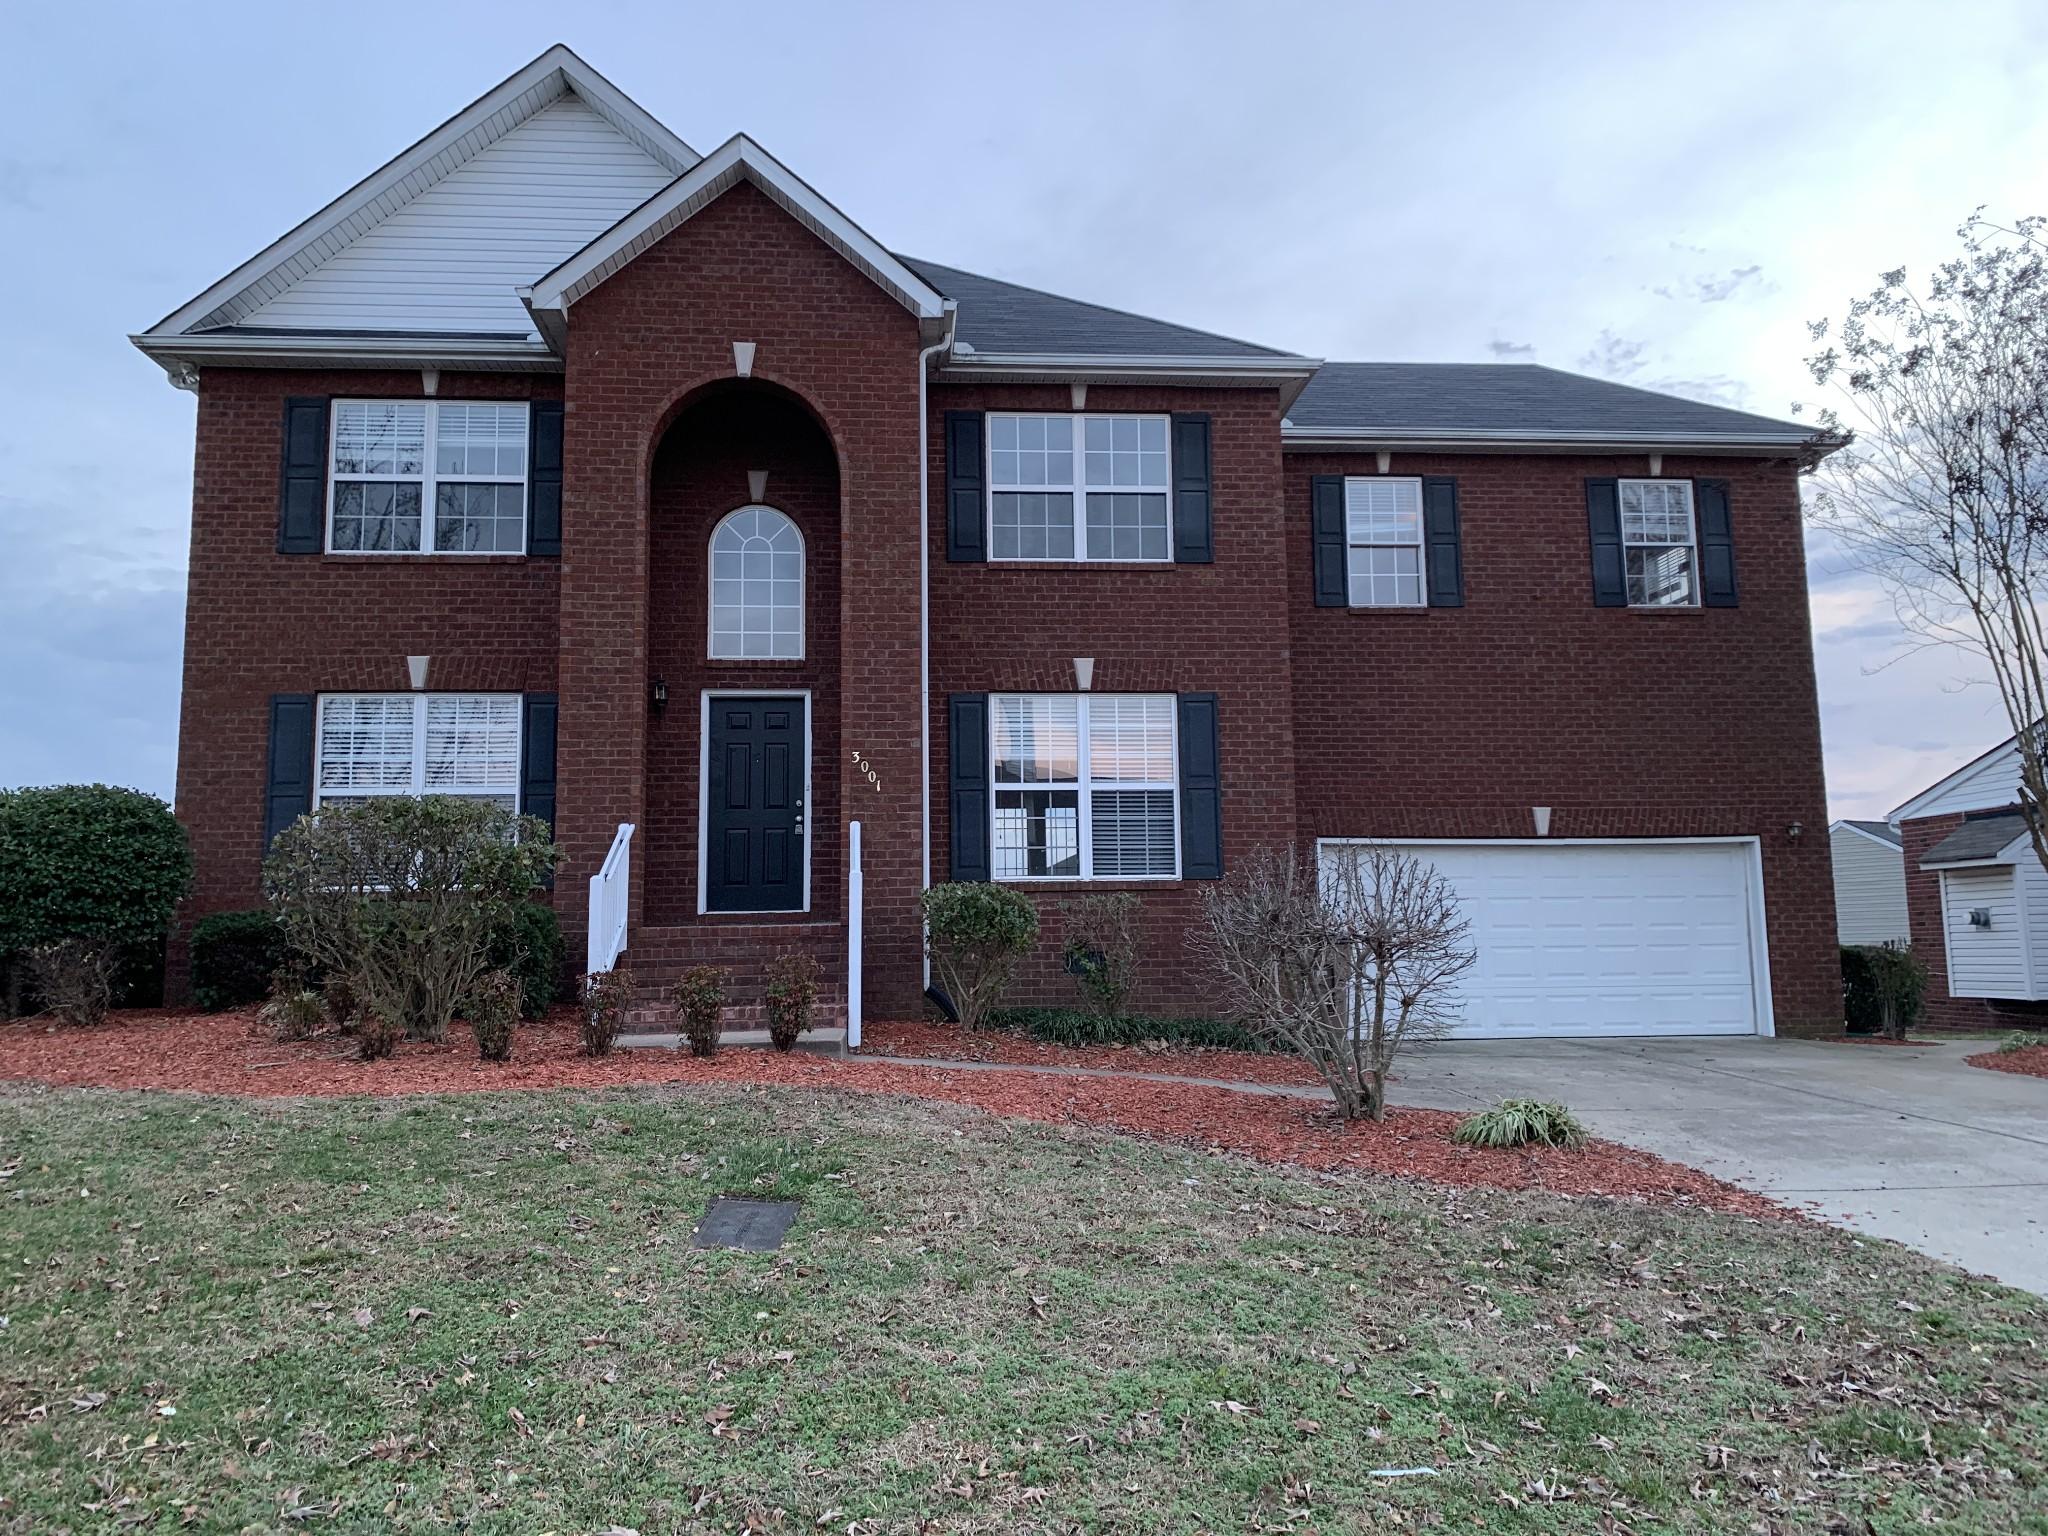 3001 Summercrest Trl, Antioch, TN 37013 - Antioch, TN real estate listing